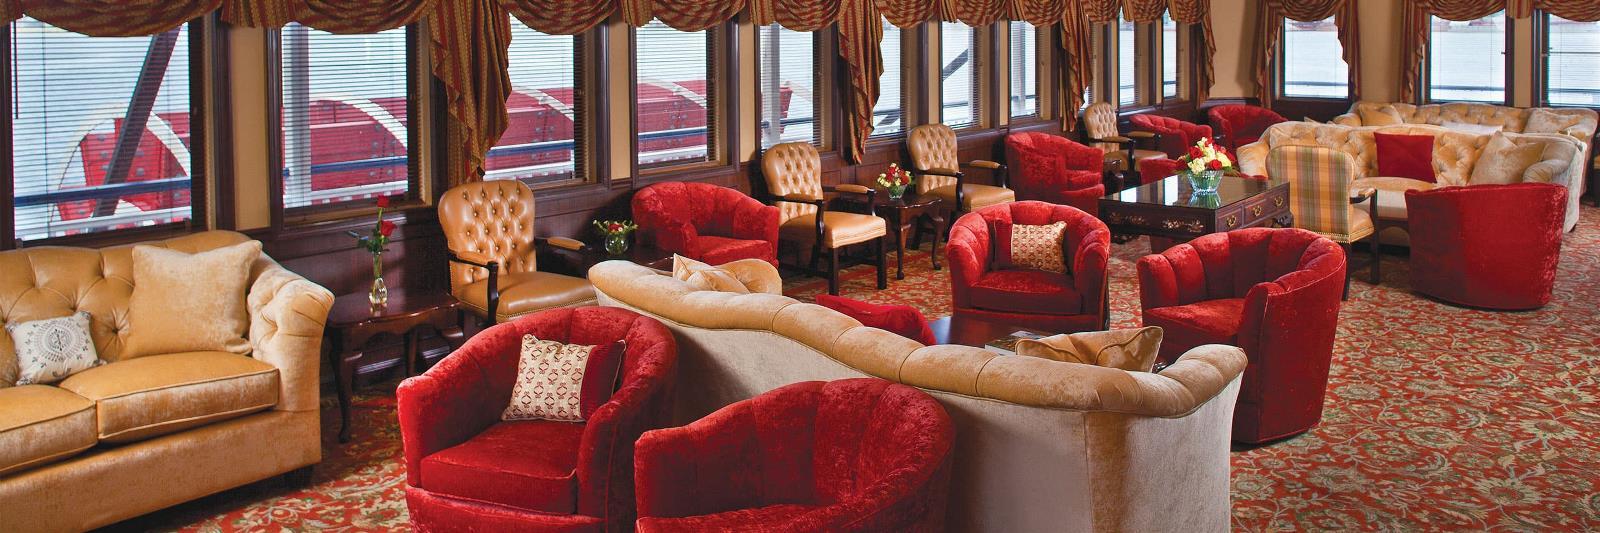 American Cruise Lines American Pride Interior Paddlewheel Lounge.jpg